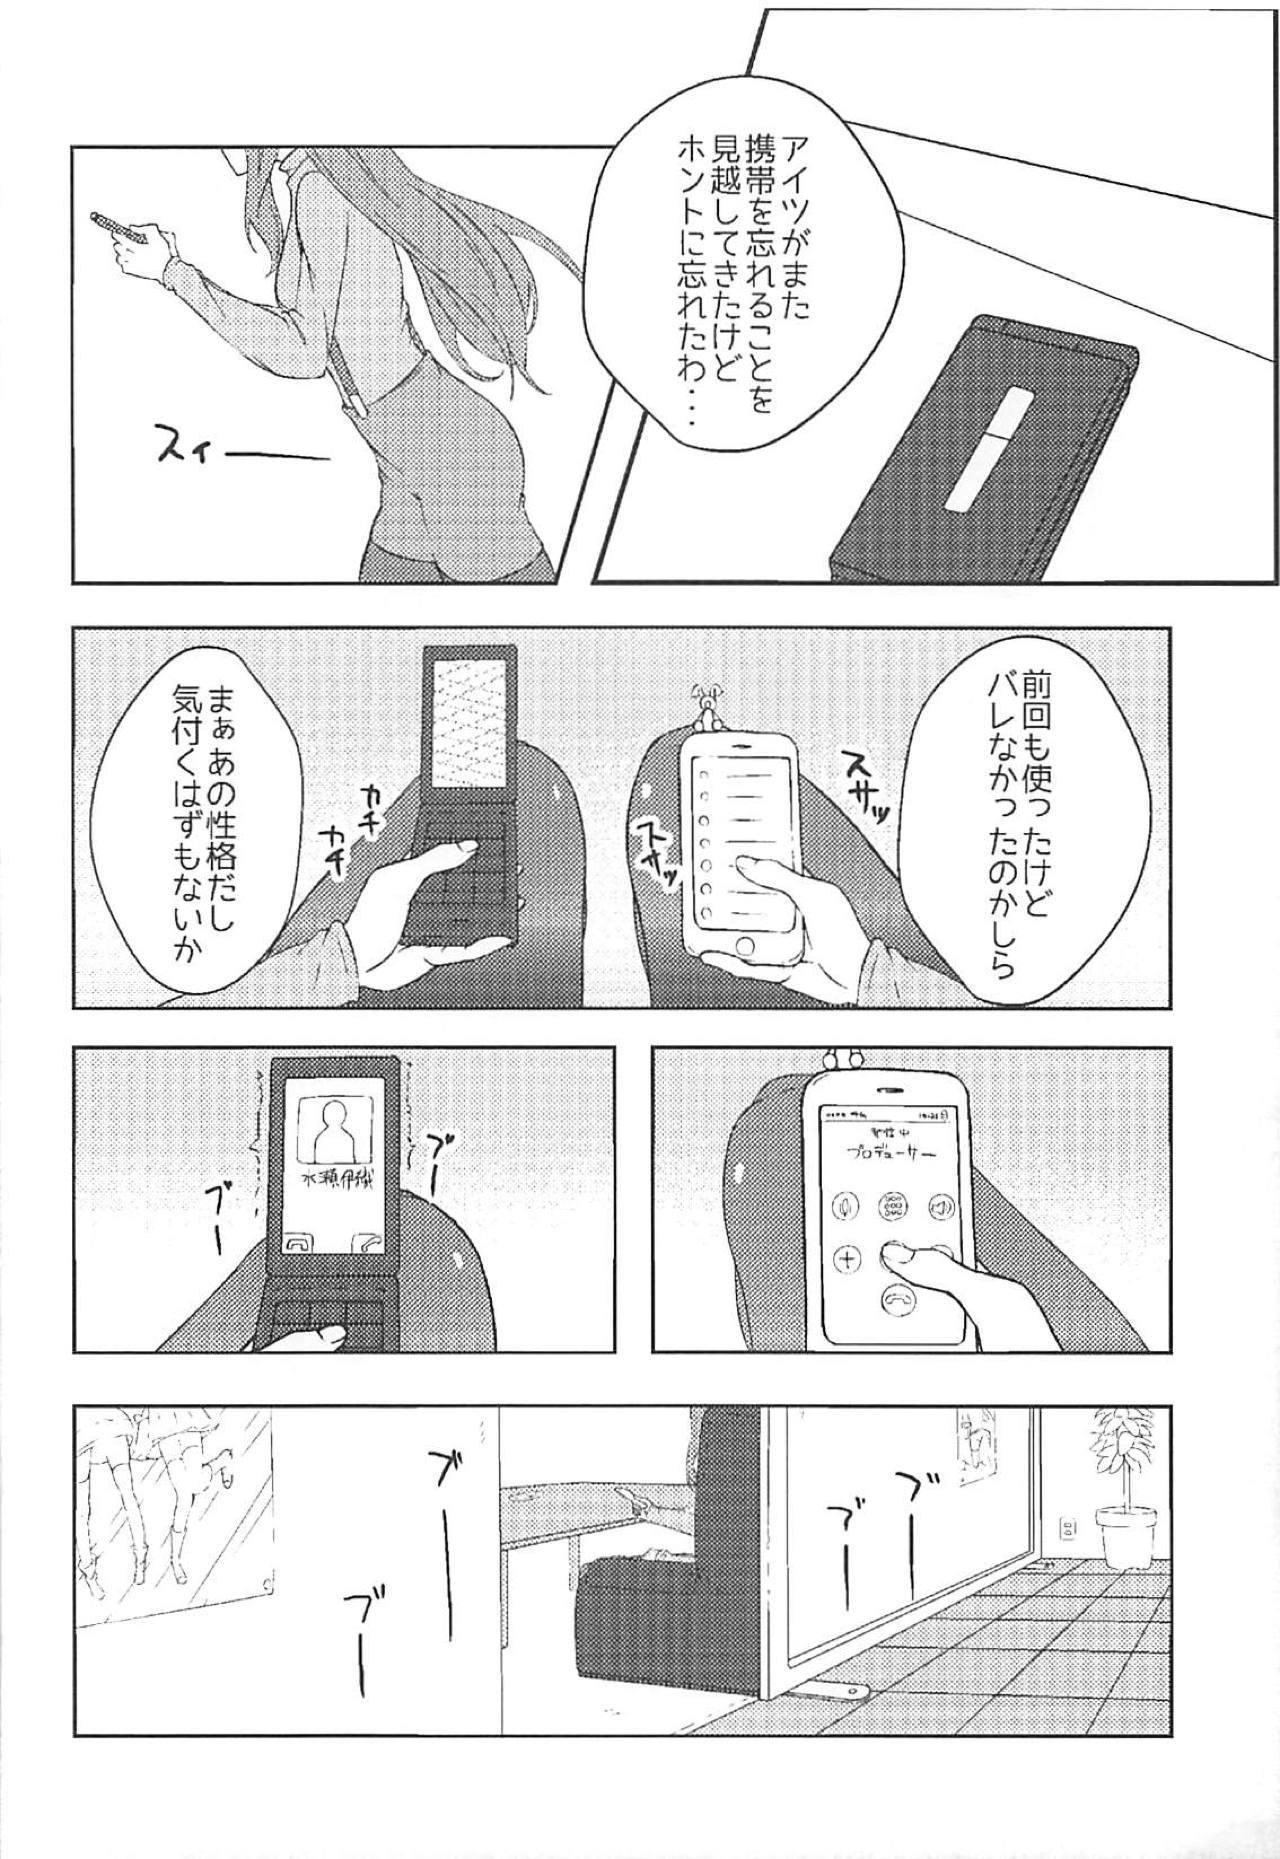 Iori no Keikaku 6